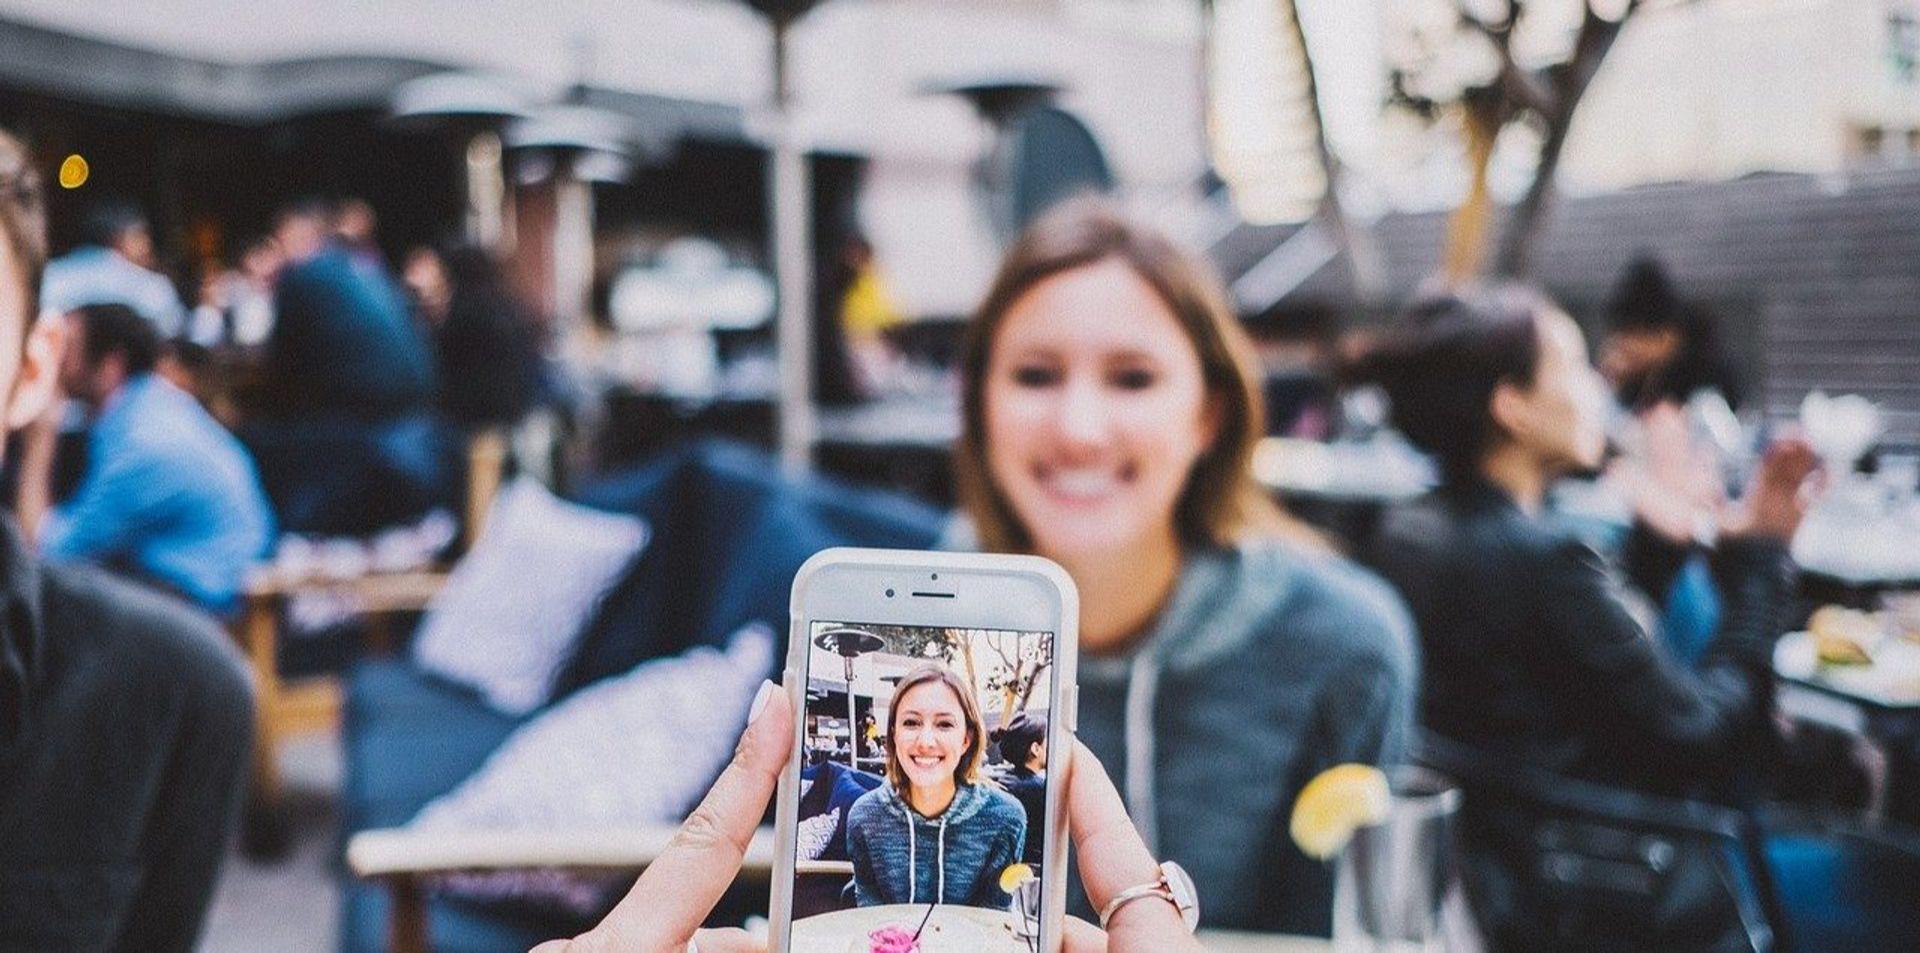 Digitales Marketing: schnell, anpassungsfähig und zeitgemäß